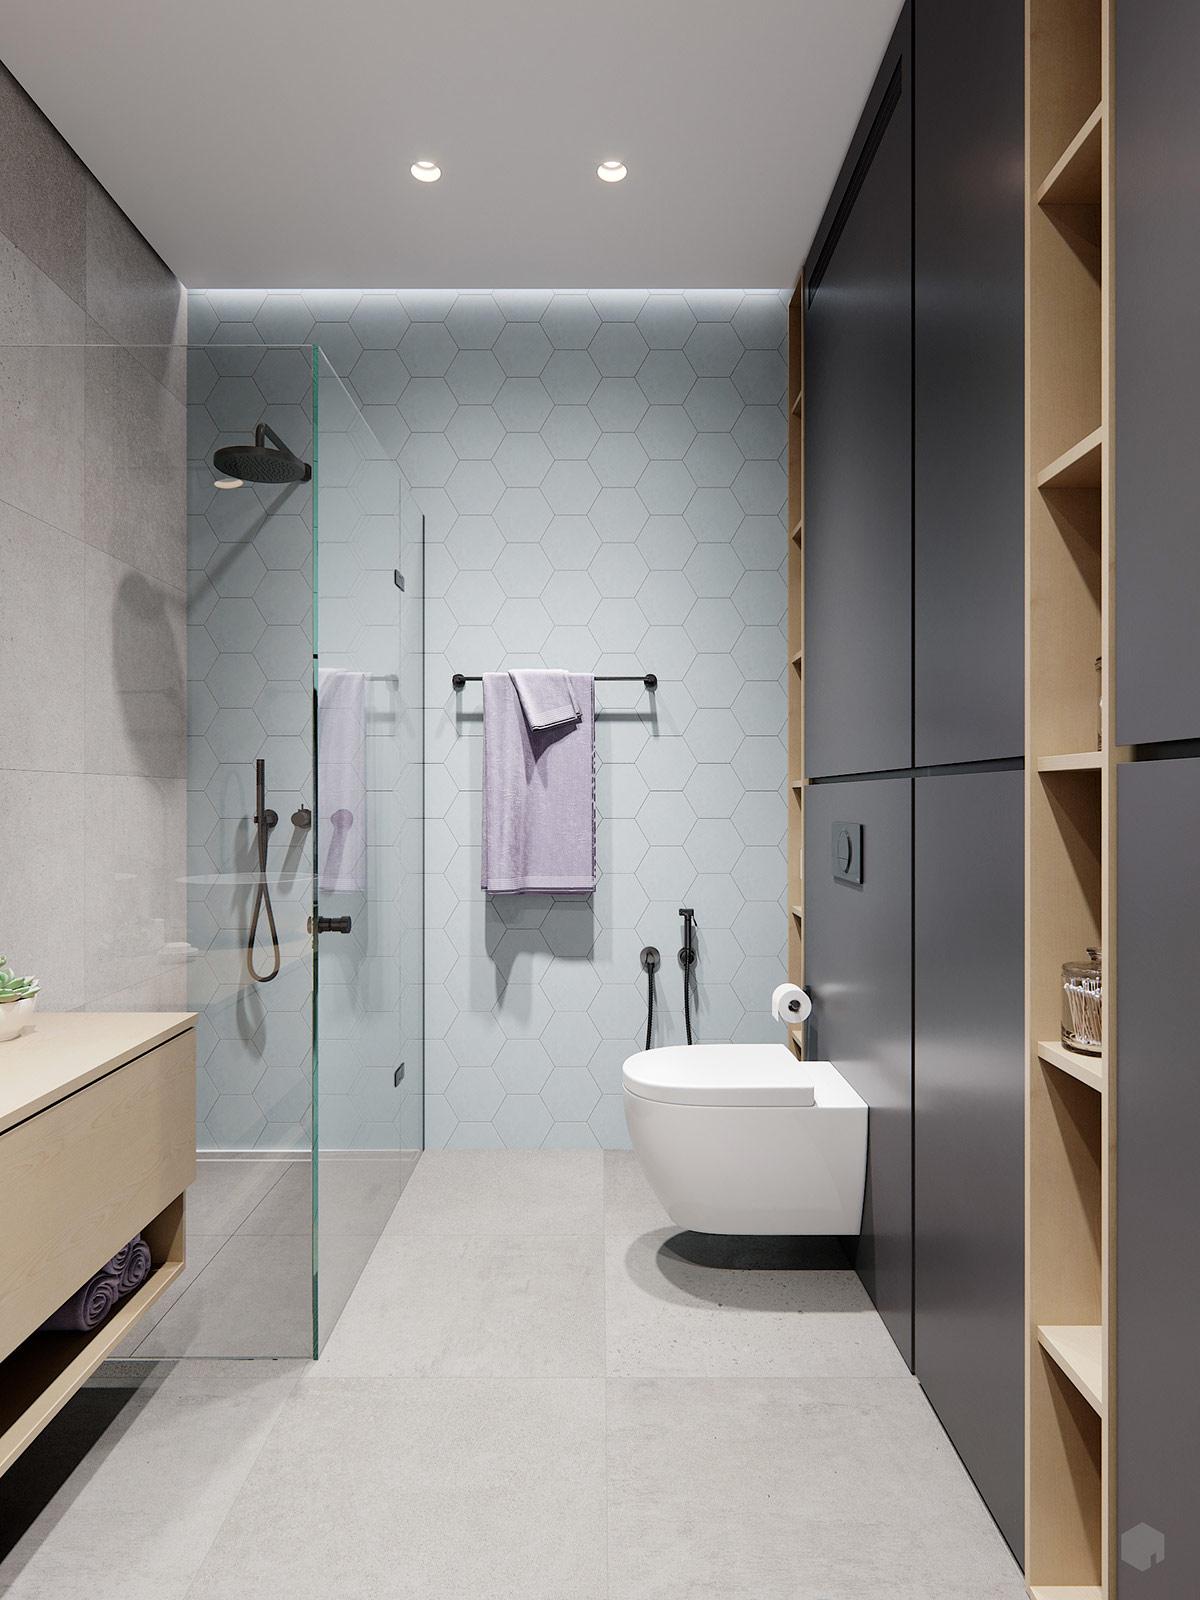 wall-hing-toilet